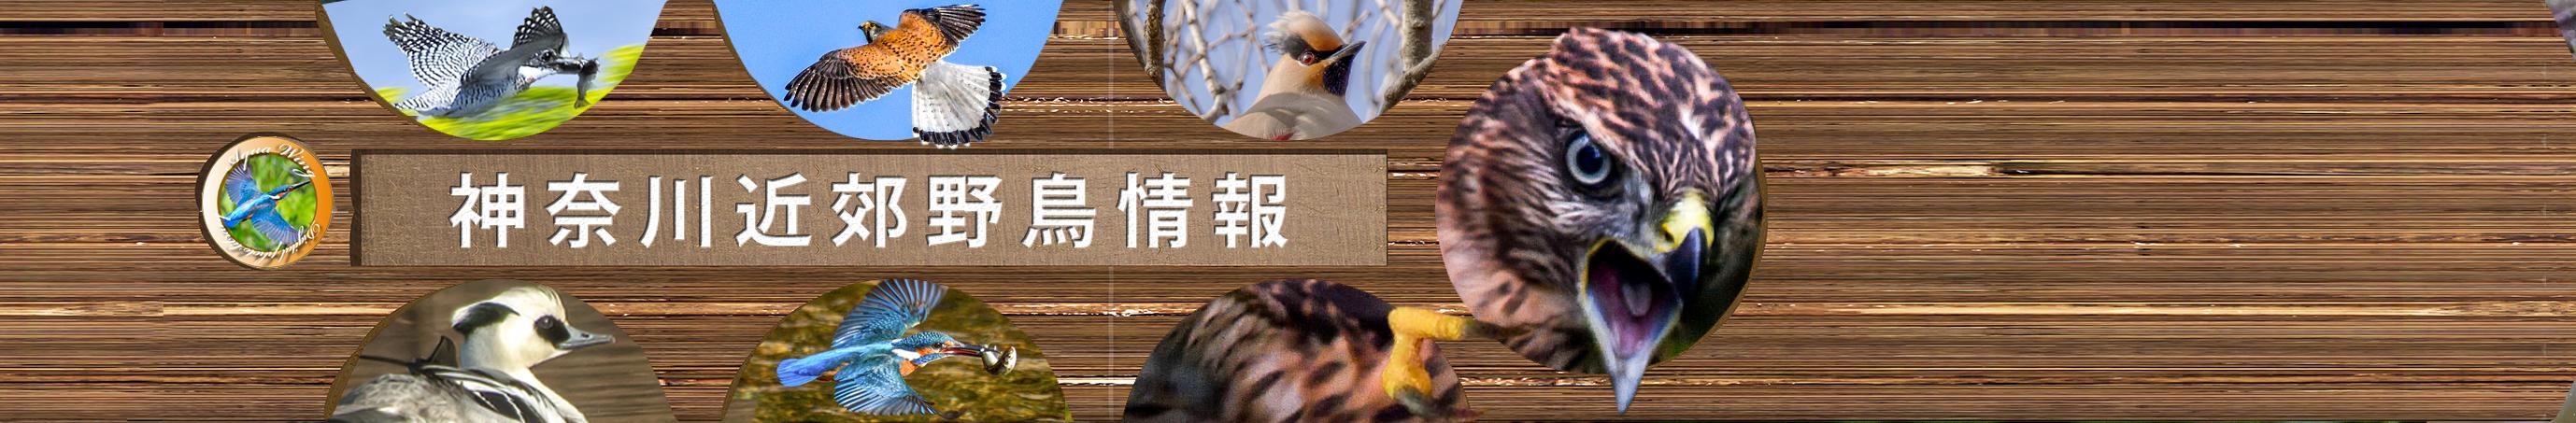 神奈川近郊野鳥情報